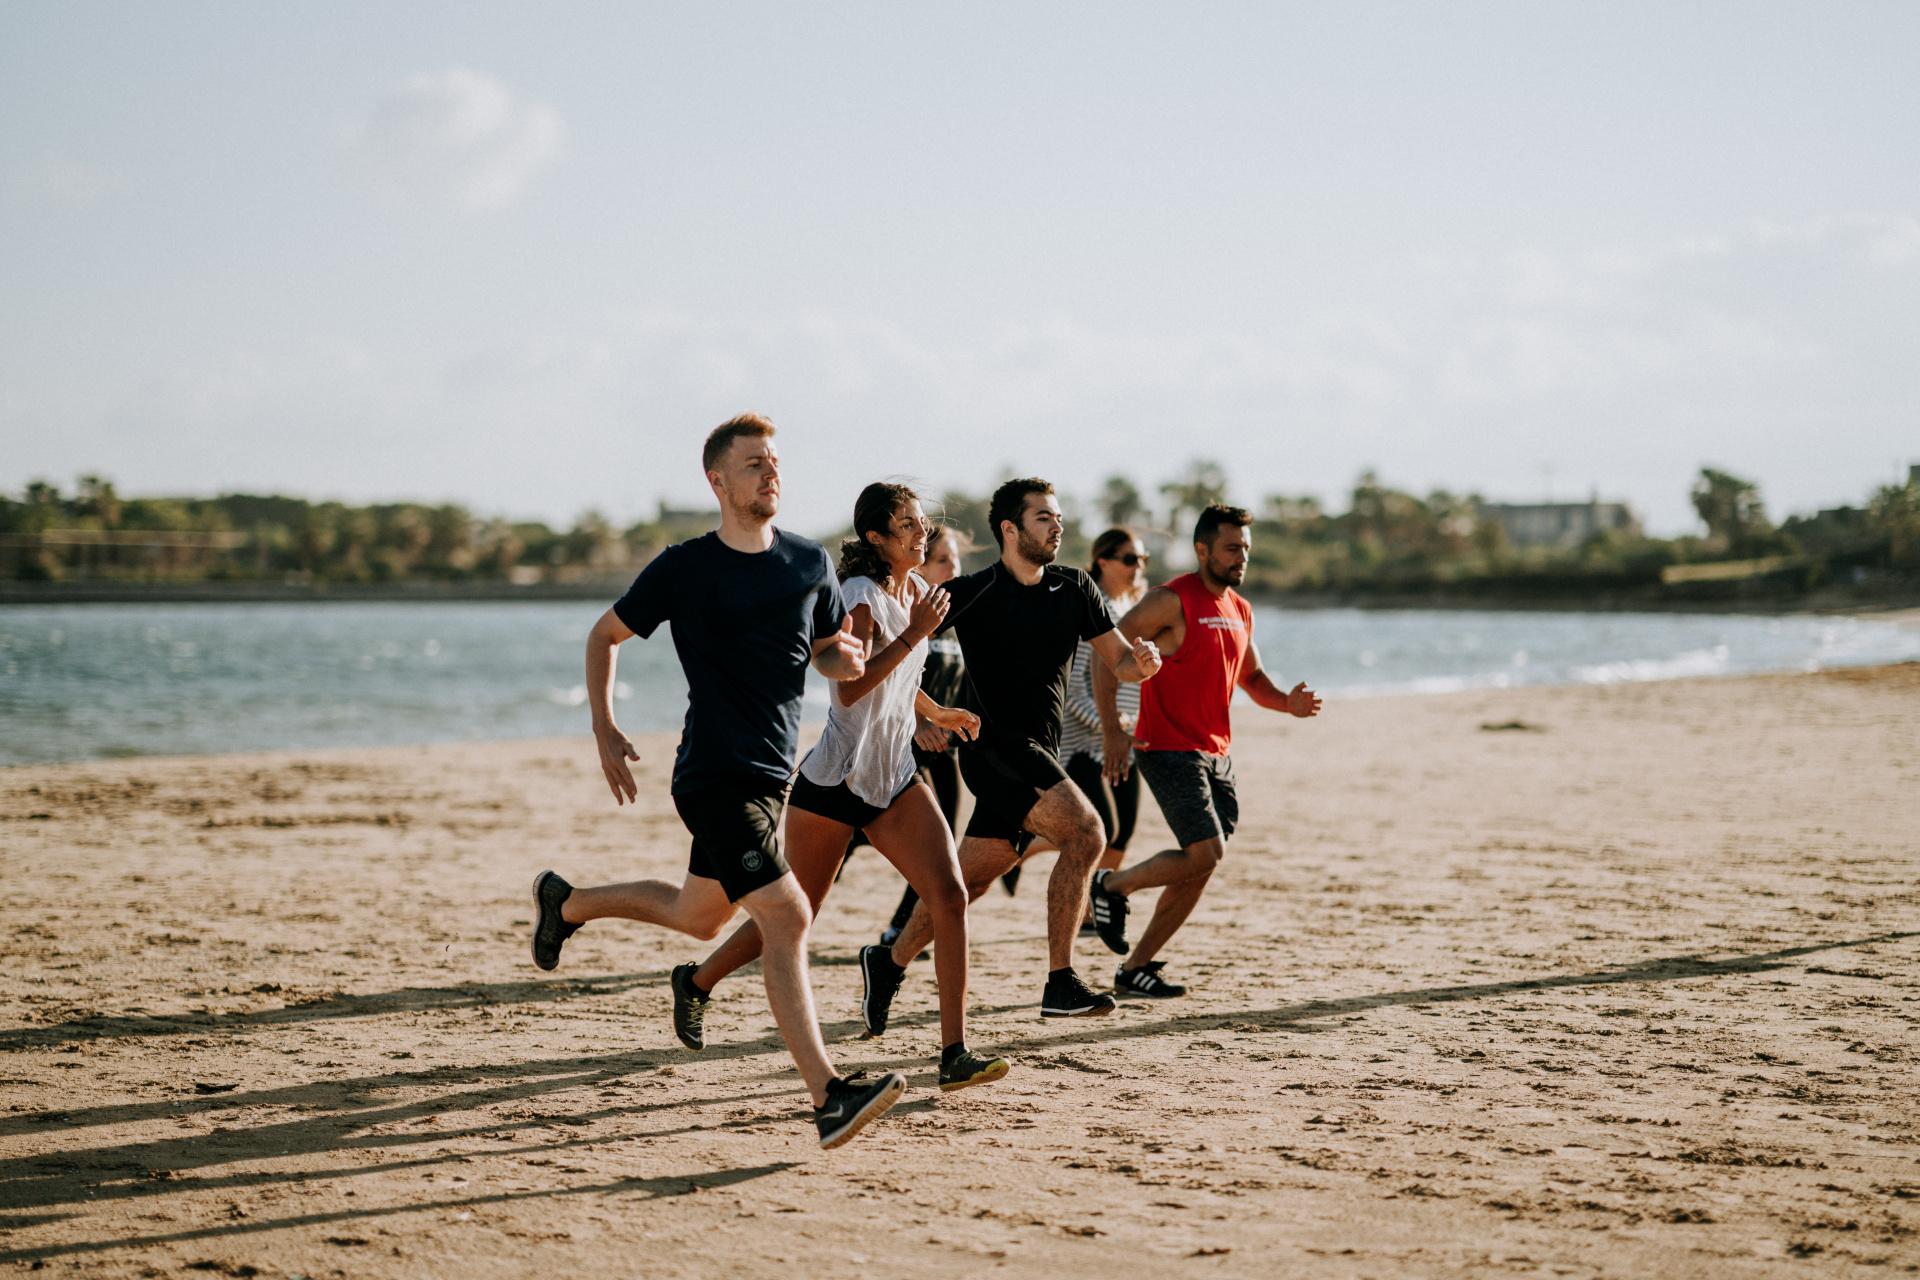 Men And Women Running On A Beach